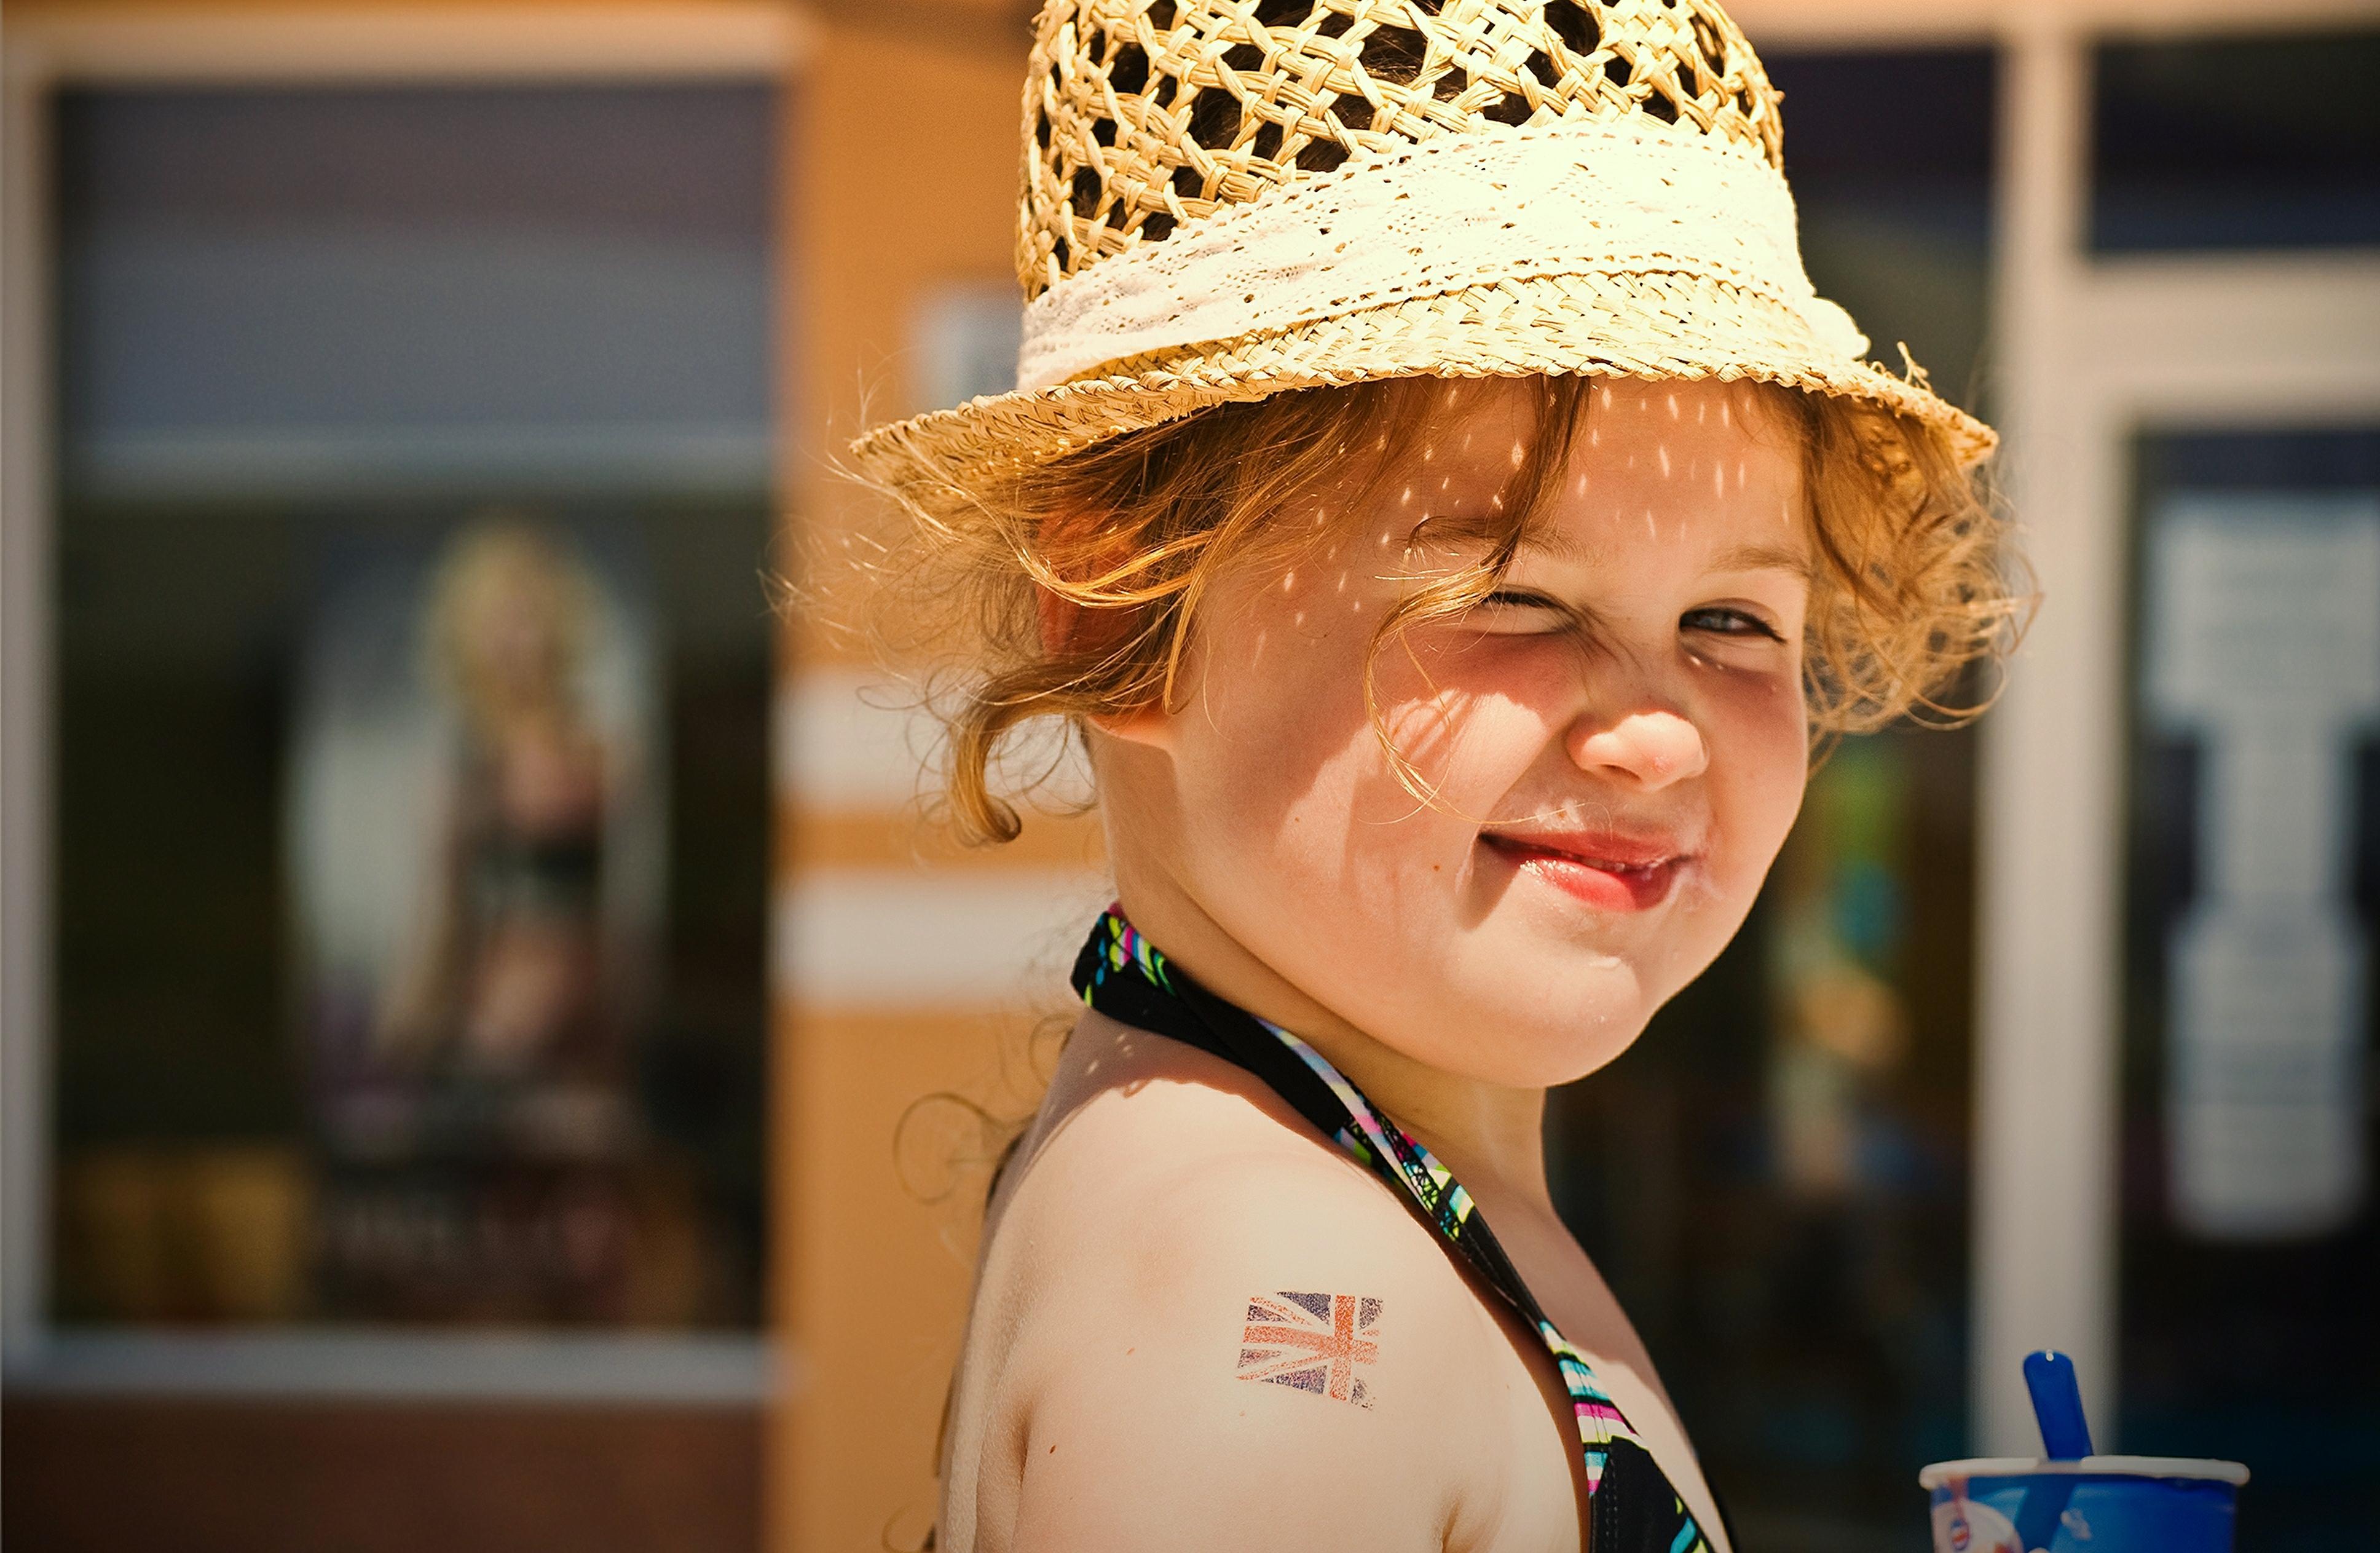 Una pequeña niña rubia - 3872x2526